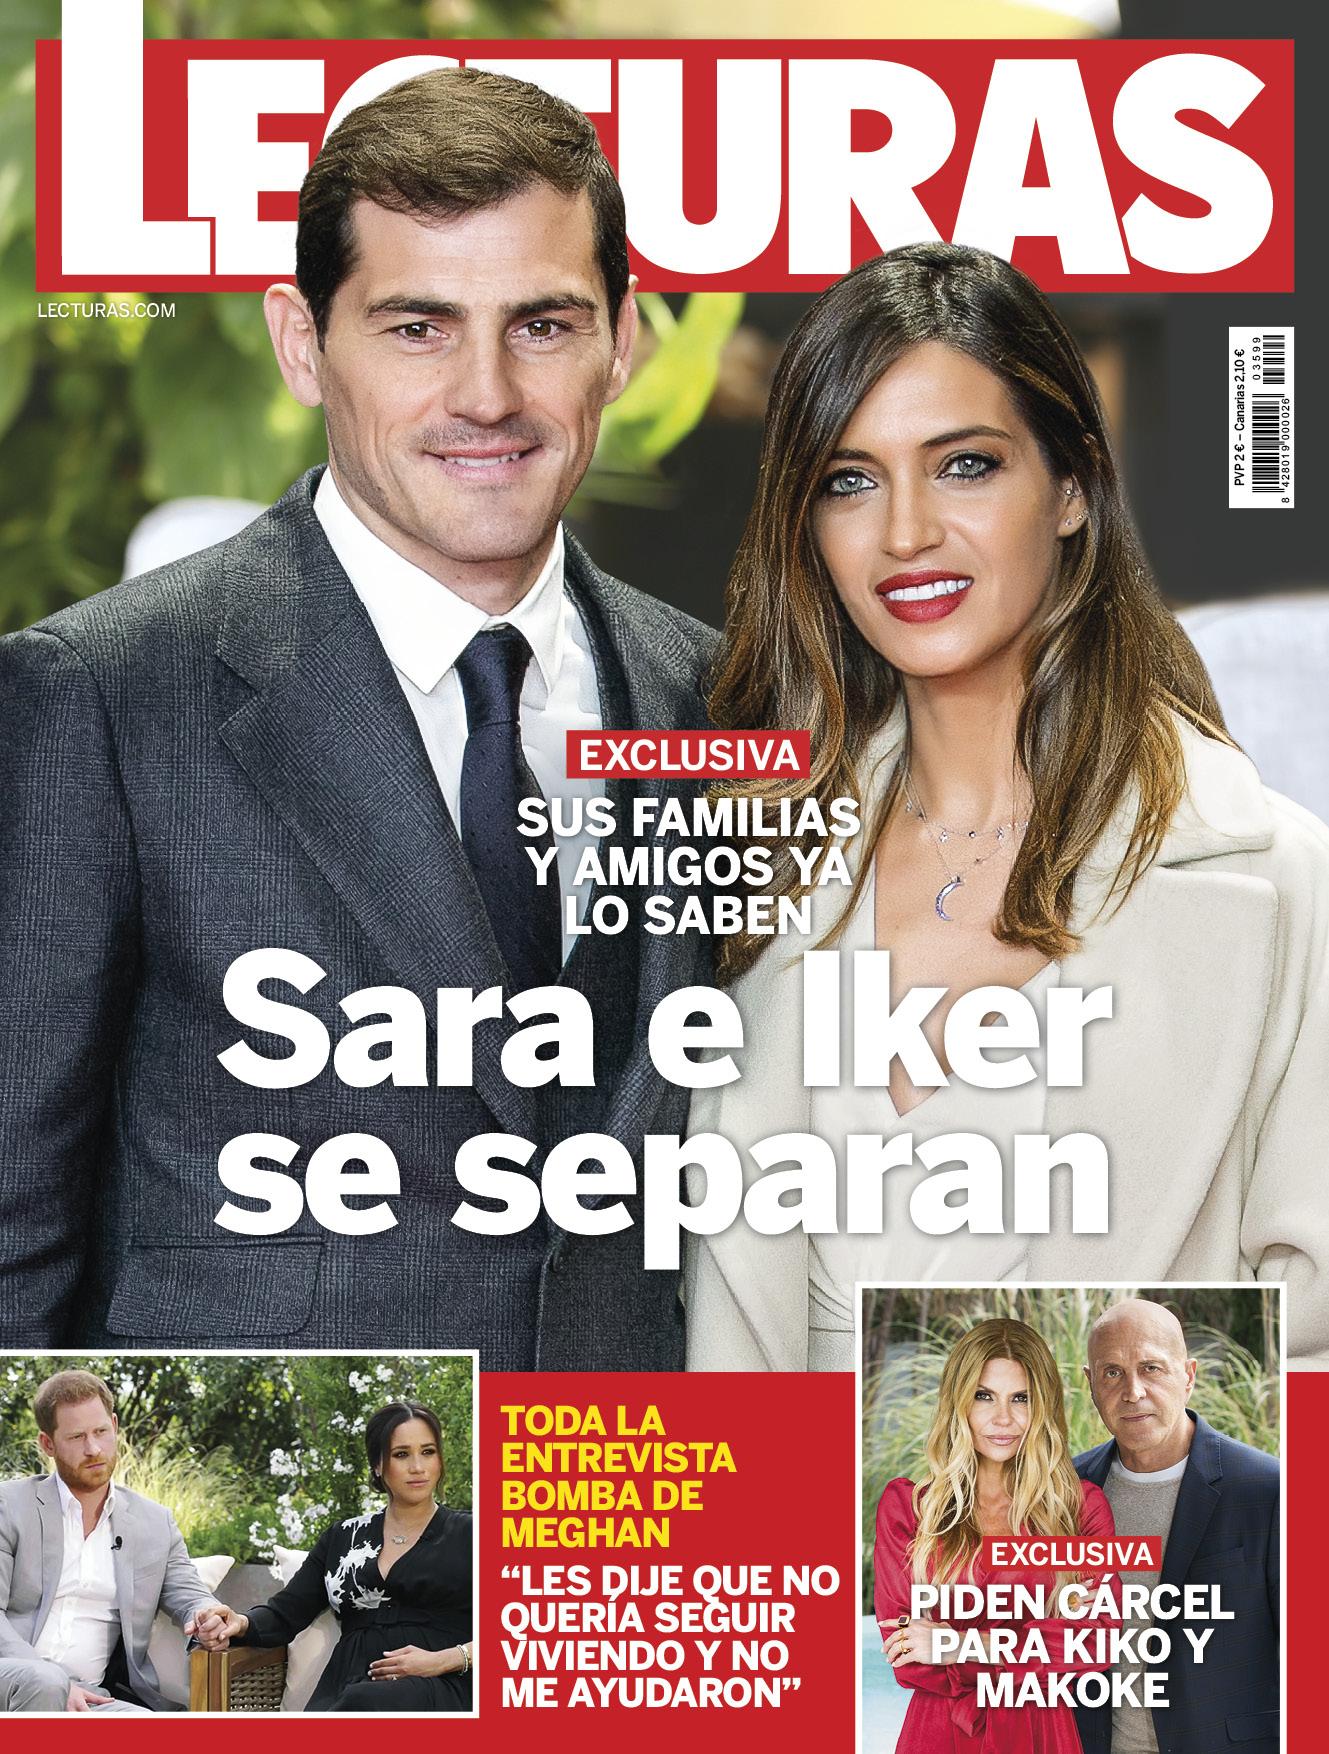 Berita tentang perpecahan pasangan Casillas diposting di sampul majalah Lecturas, Spanyol pada 10 Maret.